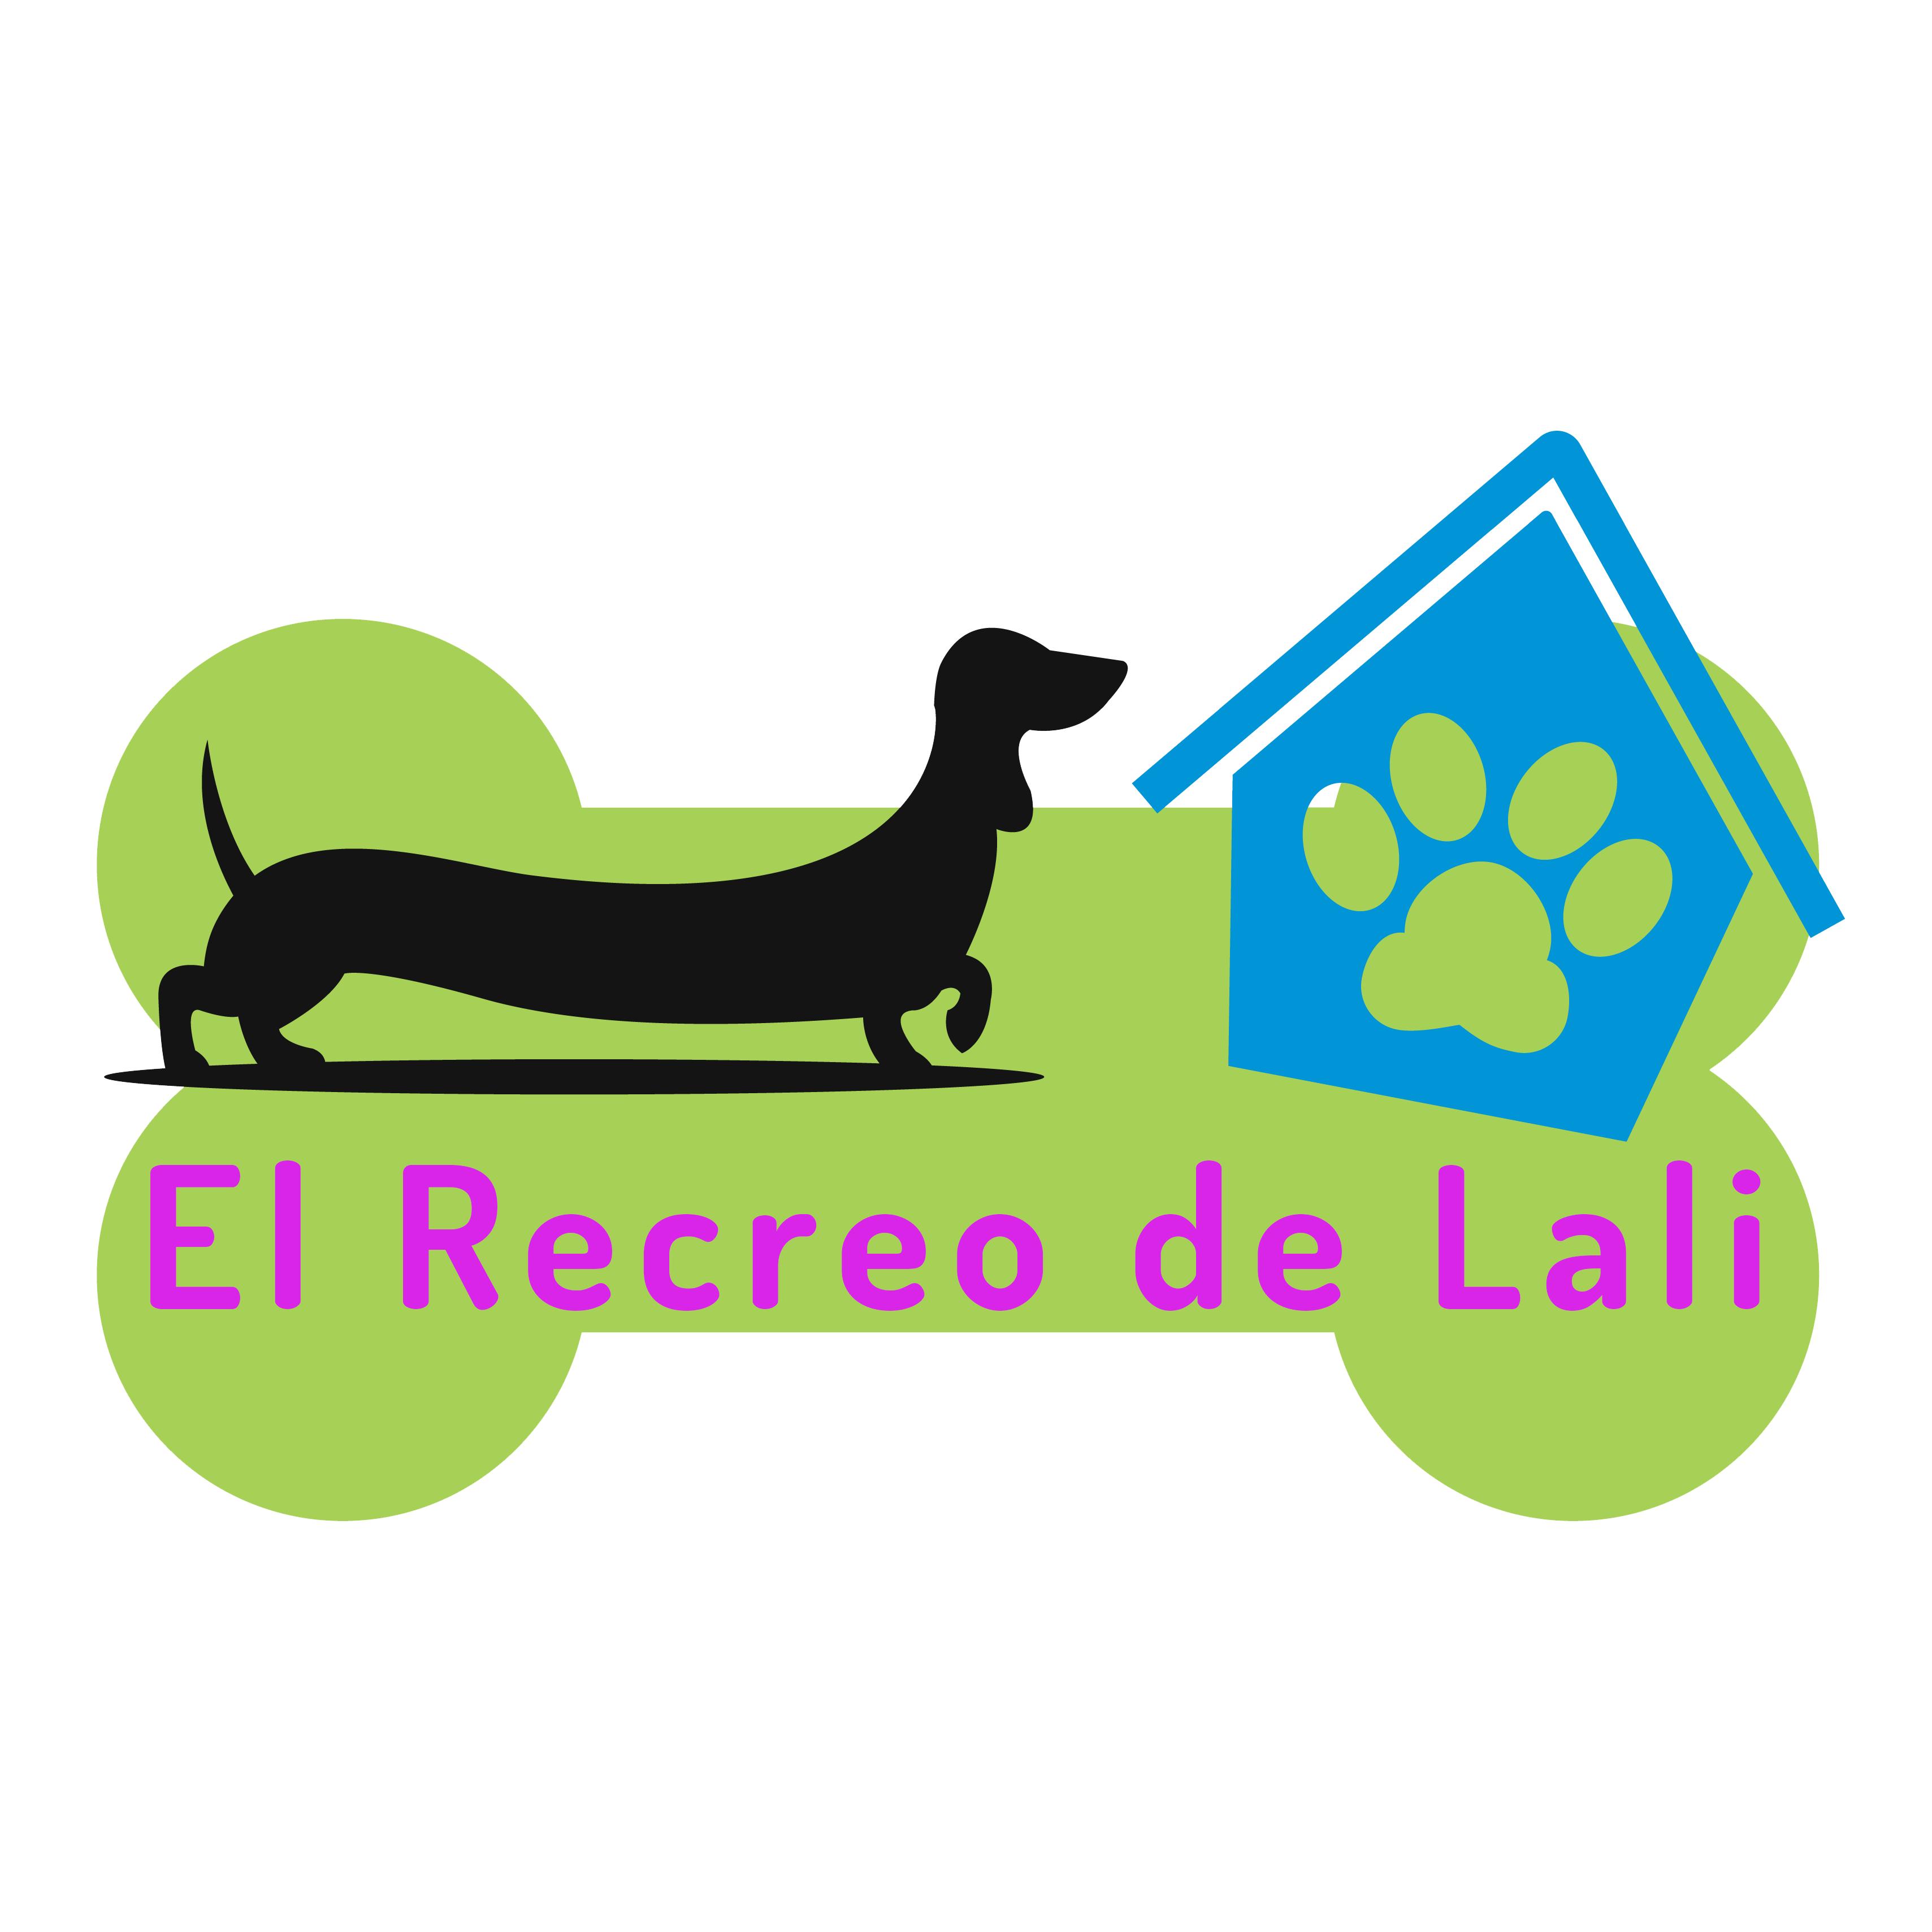 EL RECREO DE LALI